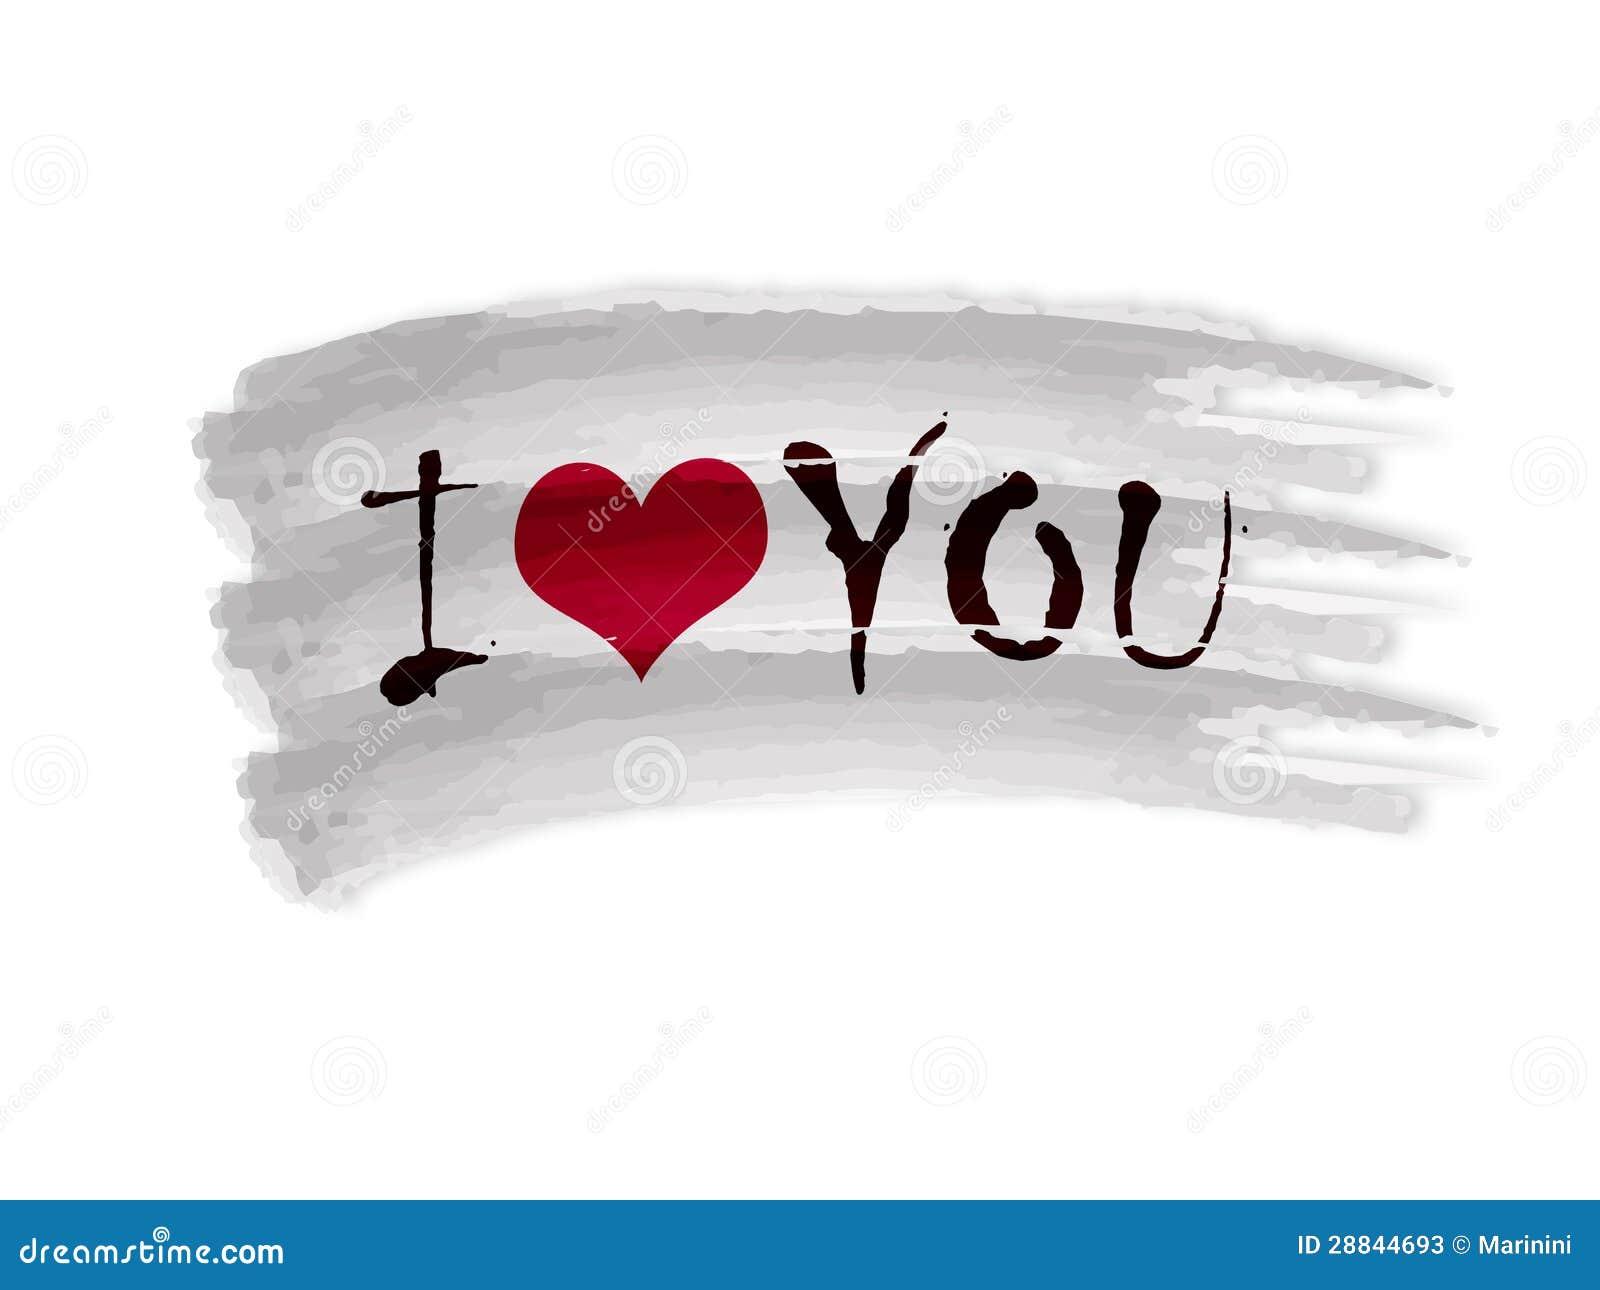 Eu Te Amo Escrito Na Areia Imagens De Stock Royalty Free: Eu Te Amo Com Coração Na Bandeira Do Desenho